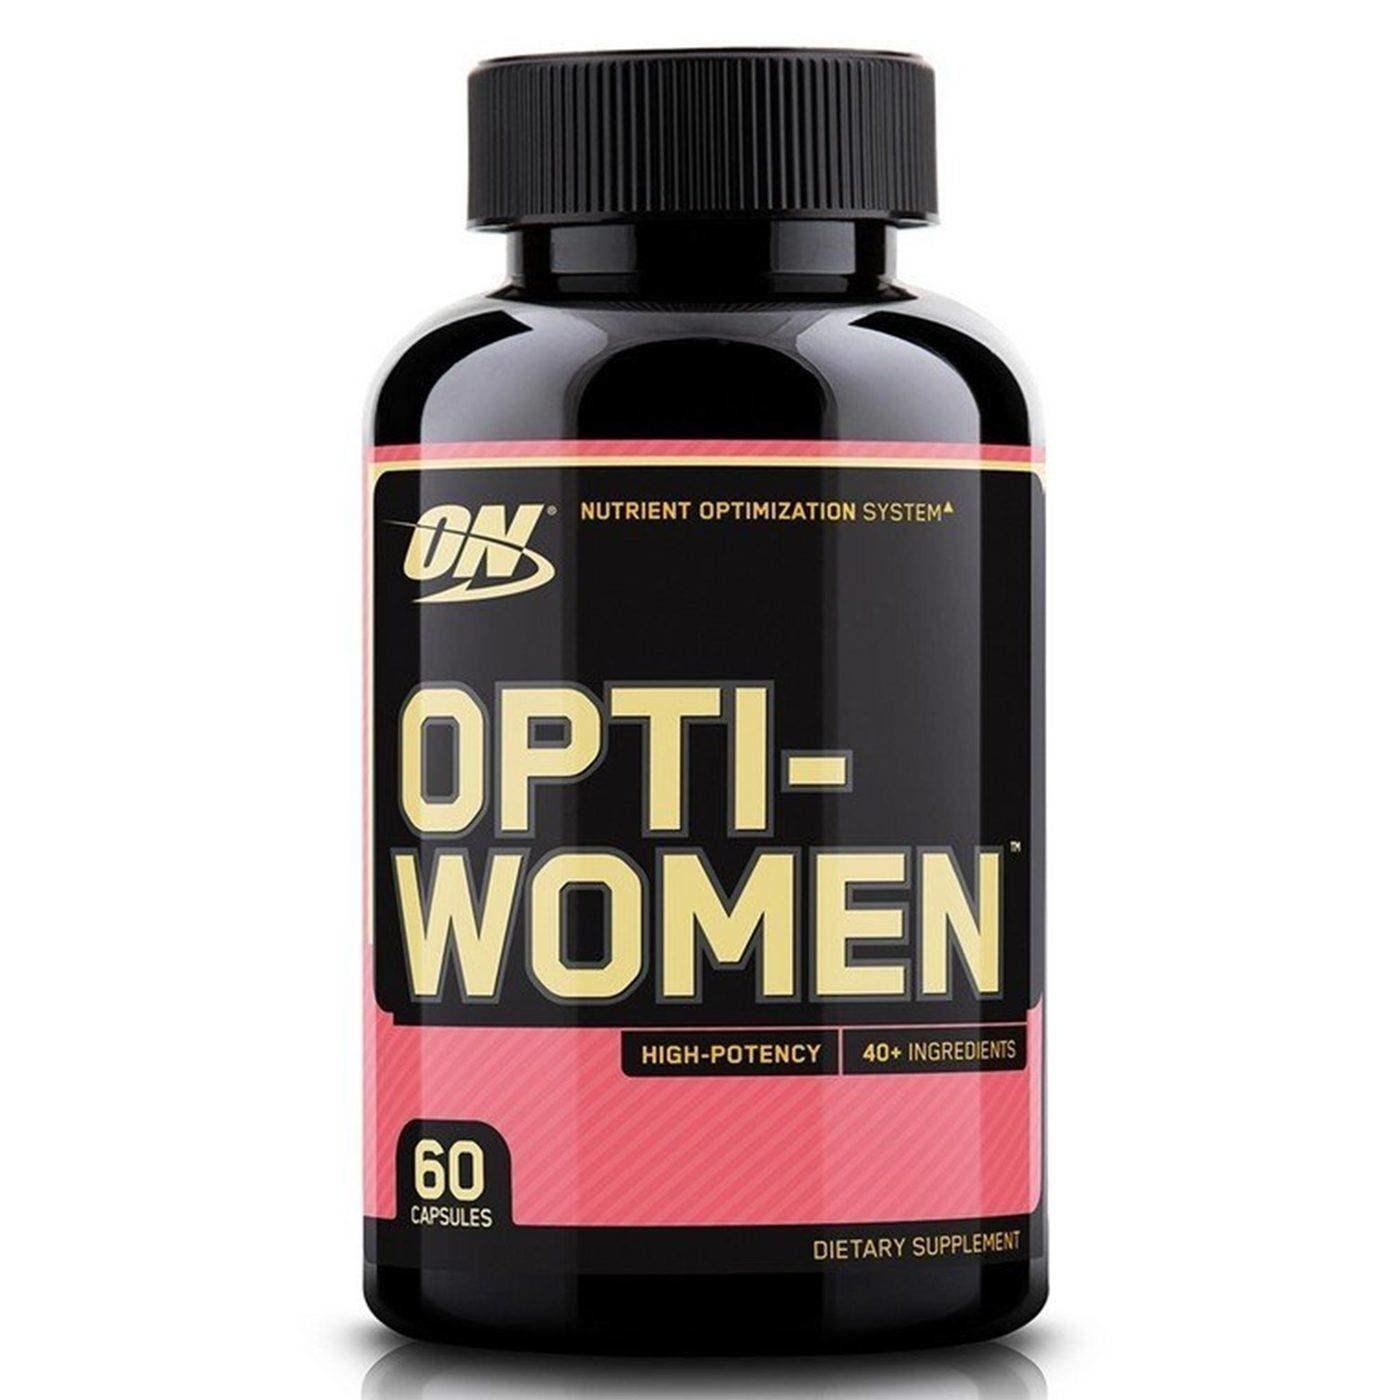 Опти-вумен: состав, инструкция, как принимать эти витамины